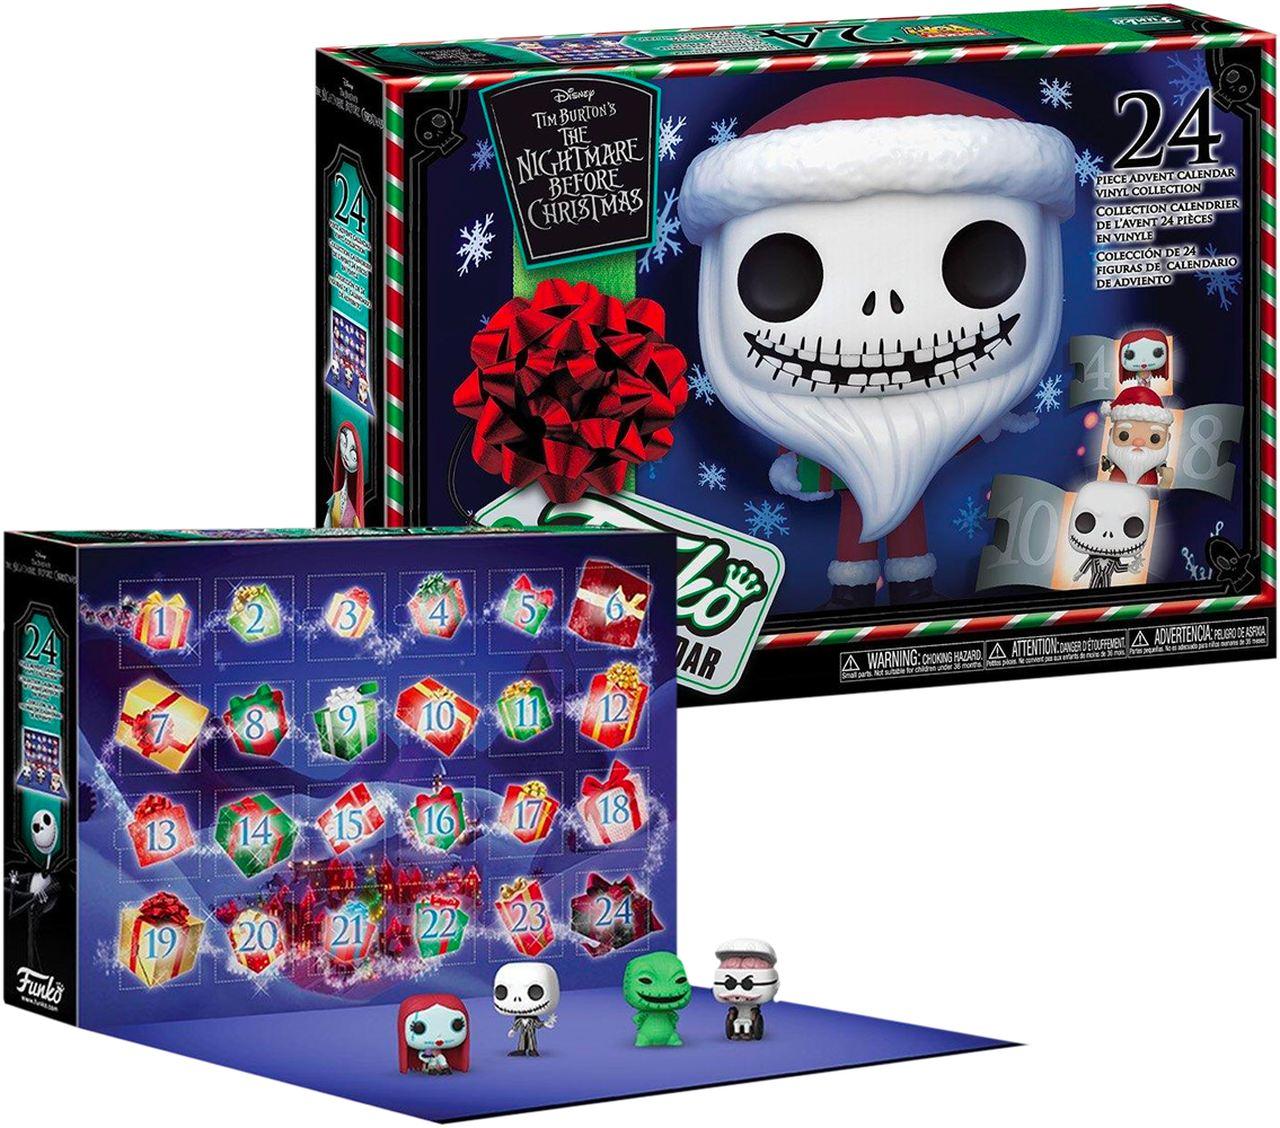 Funko Pocket Pop! Calendário O Estranho Mundo de Jack: The Nightmare Before Christmas (24 Peças) - Funko